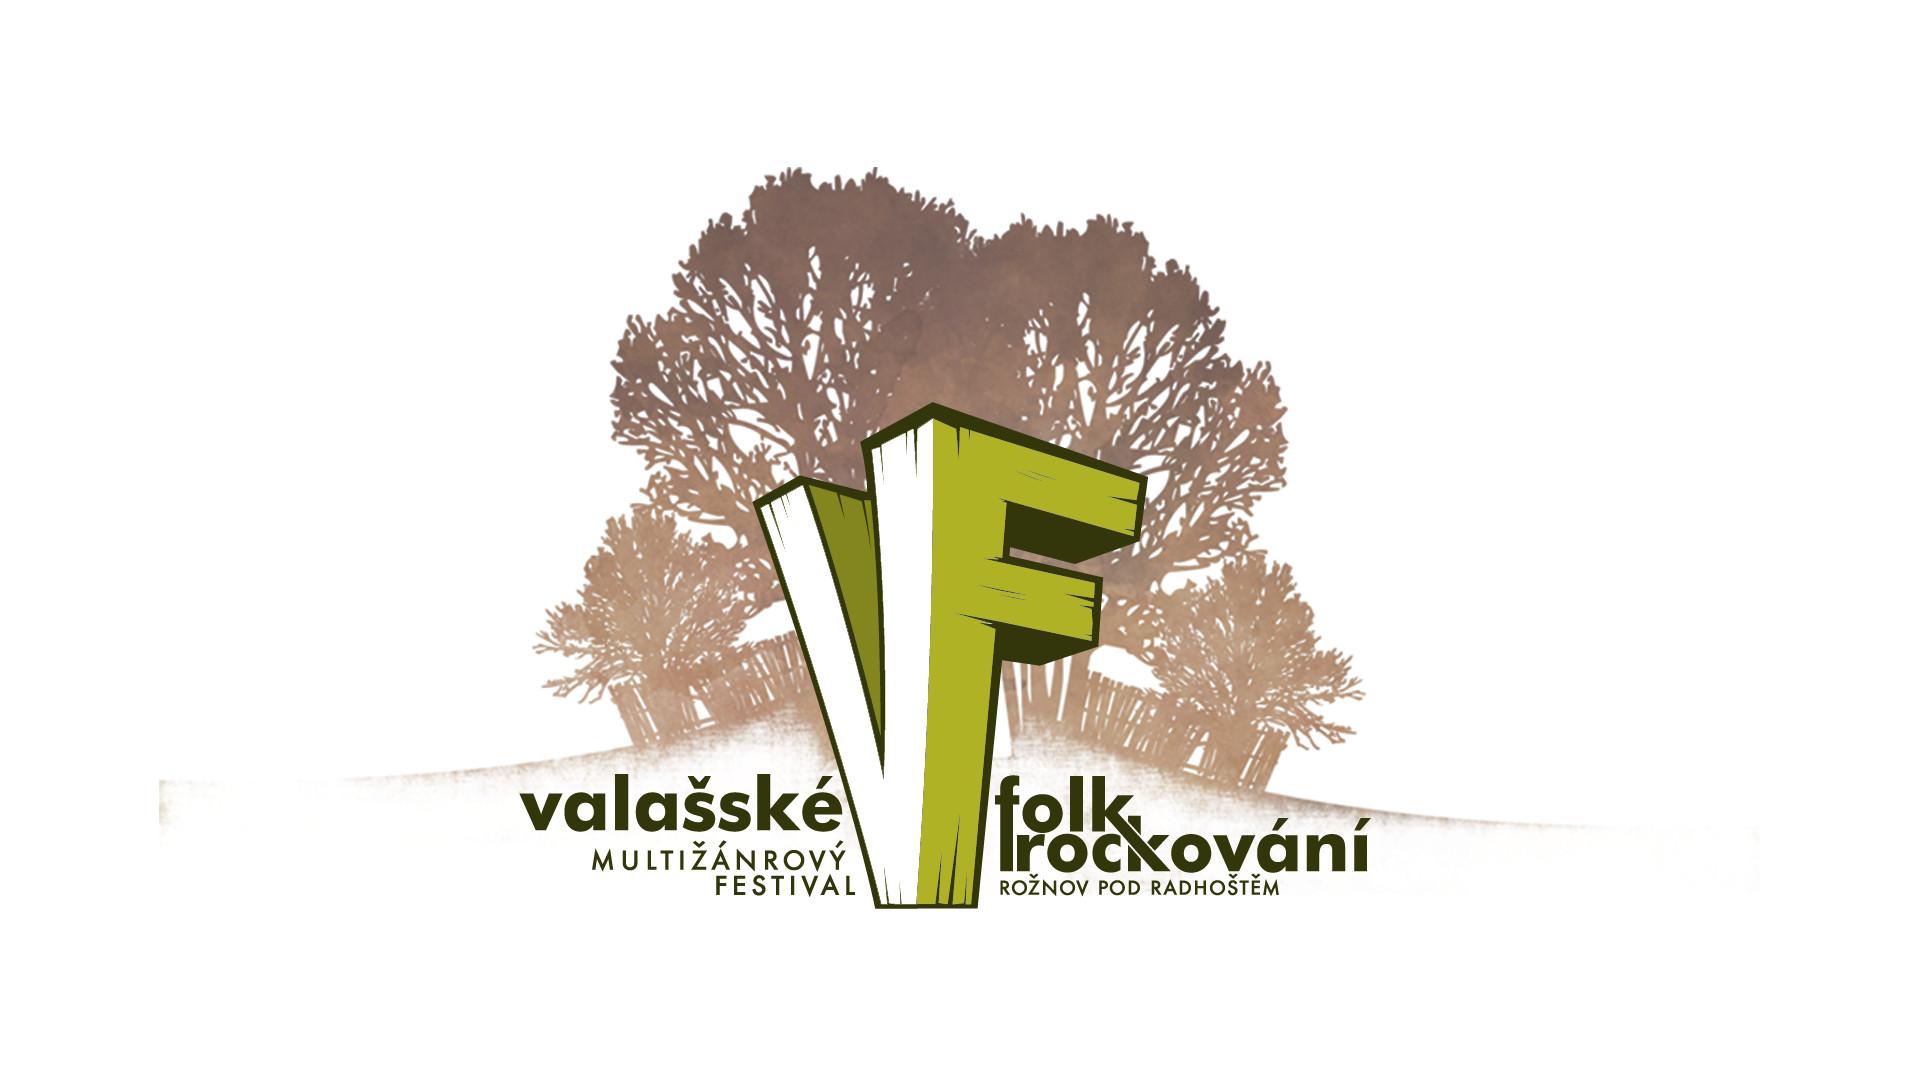 Valašské folkrockování 2017